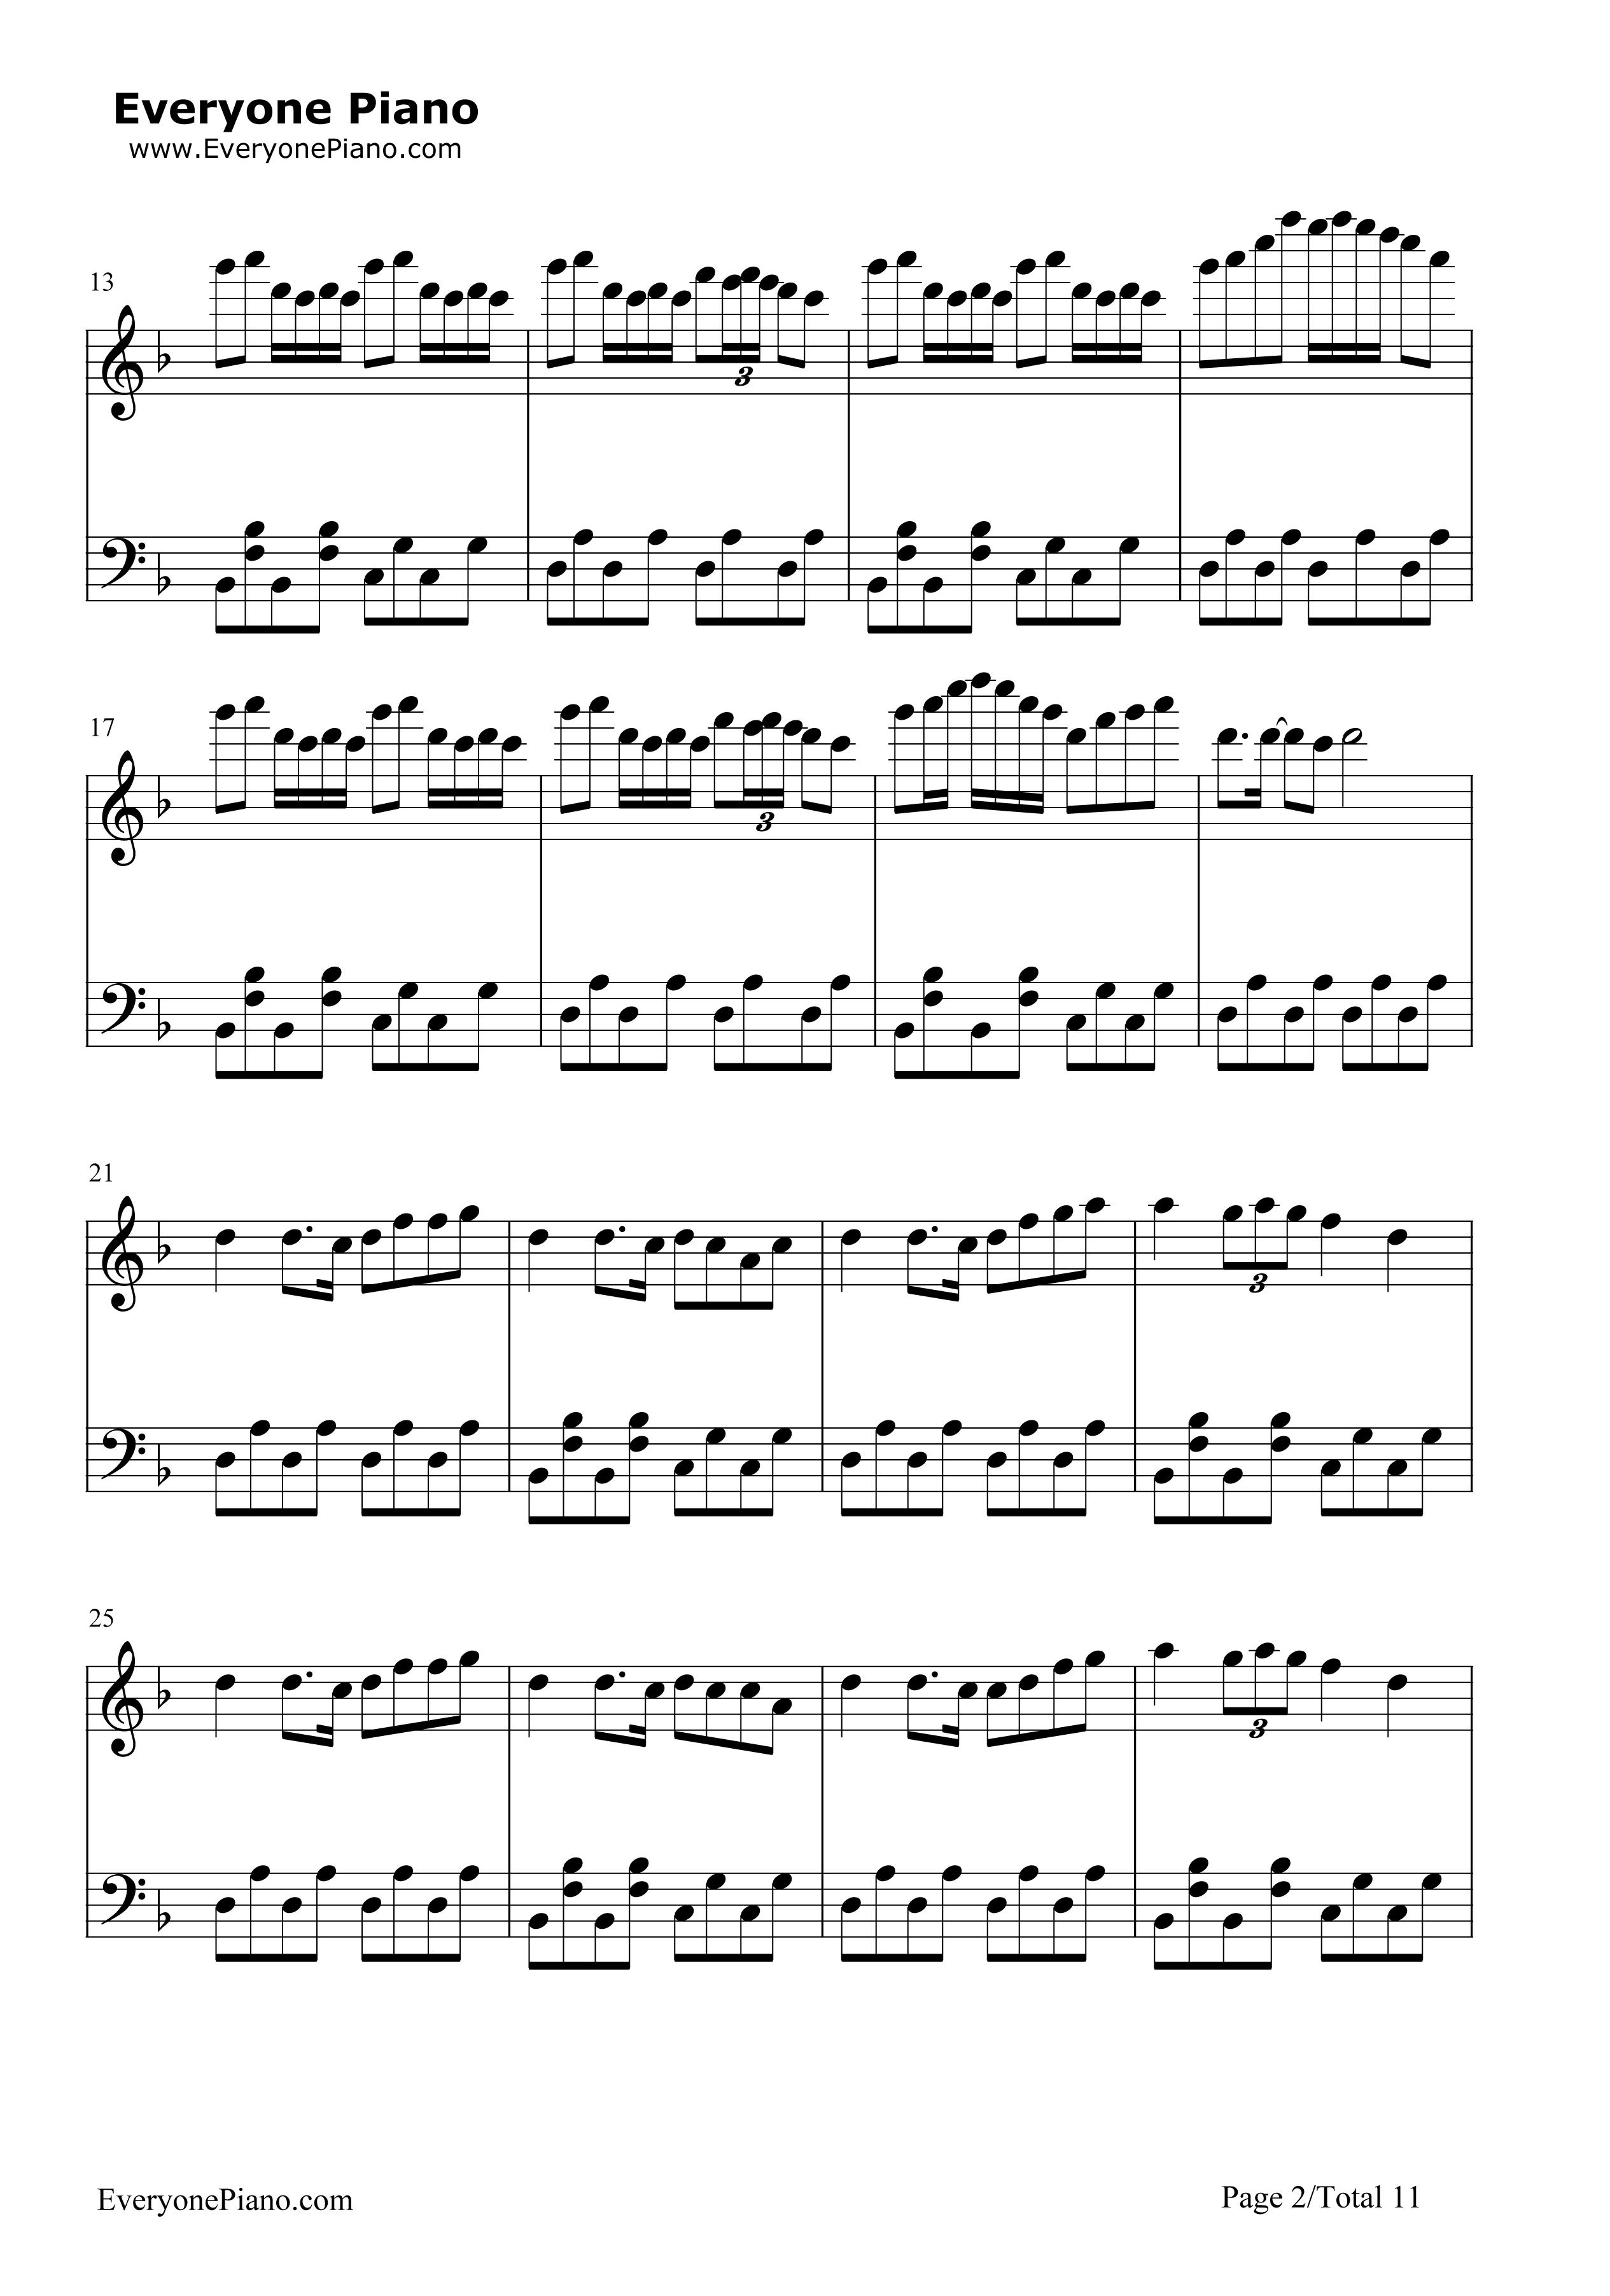 千本樱简单版-初音未来五线谱预览2